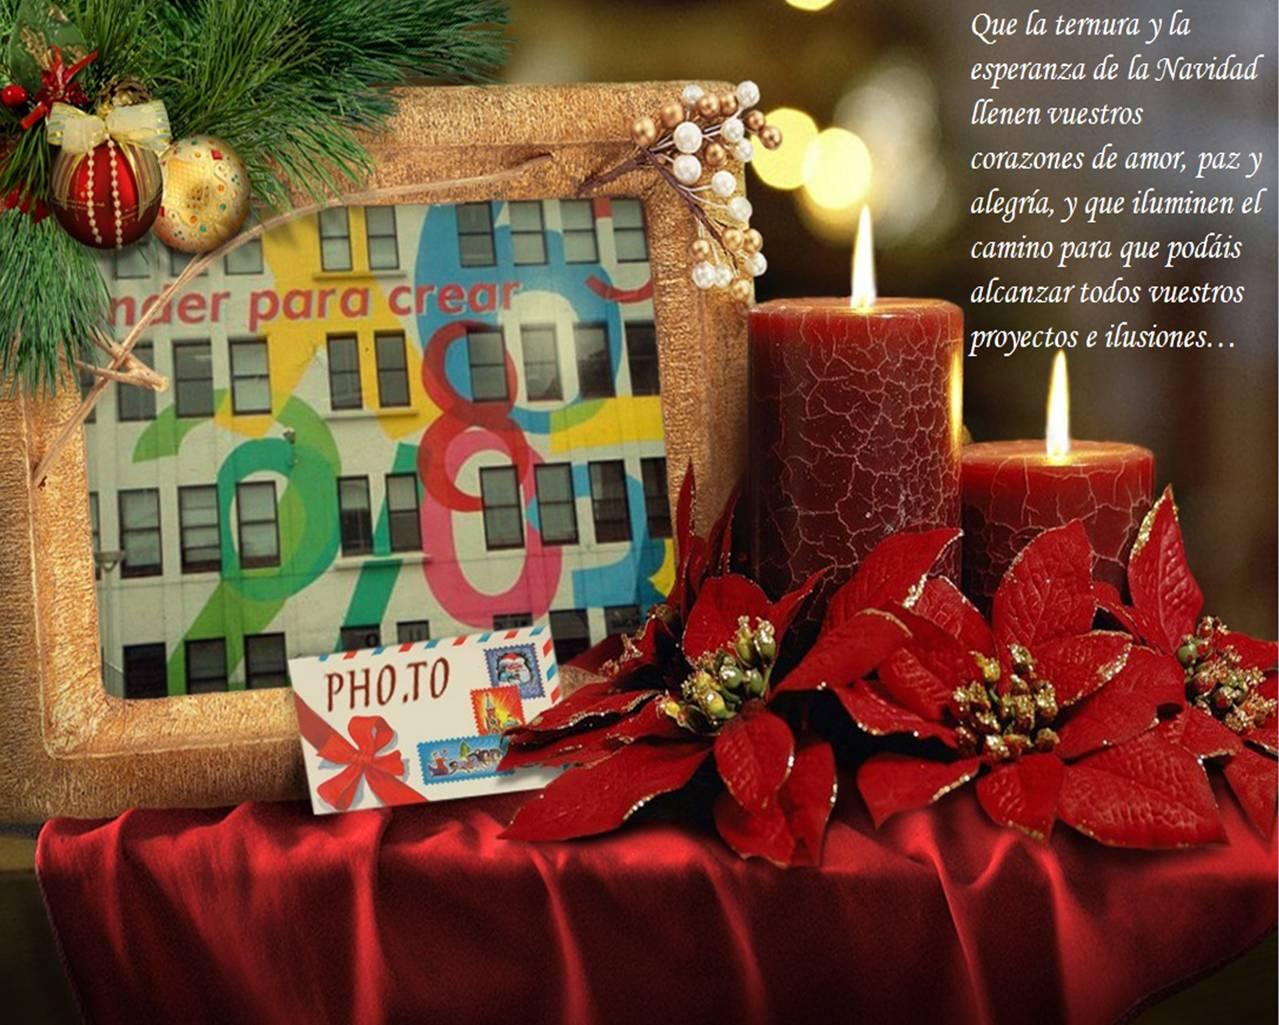 Inicio Feliz Navidad.Feliz Navidad 2017 Centro De Formacion Profesional